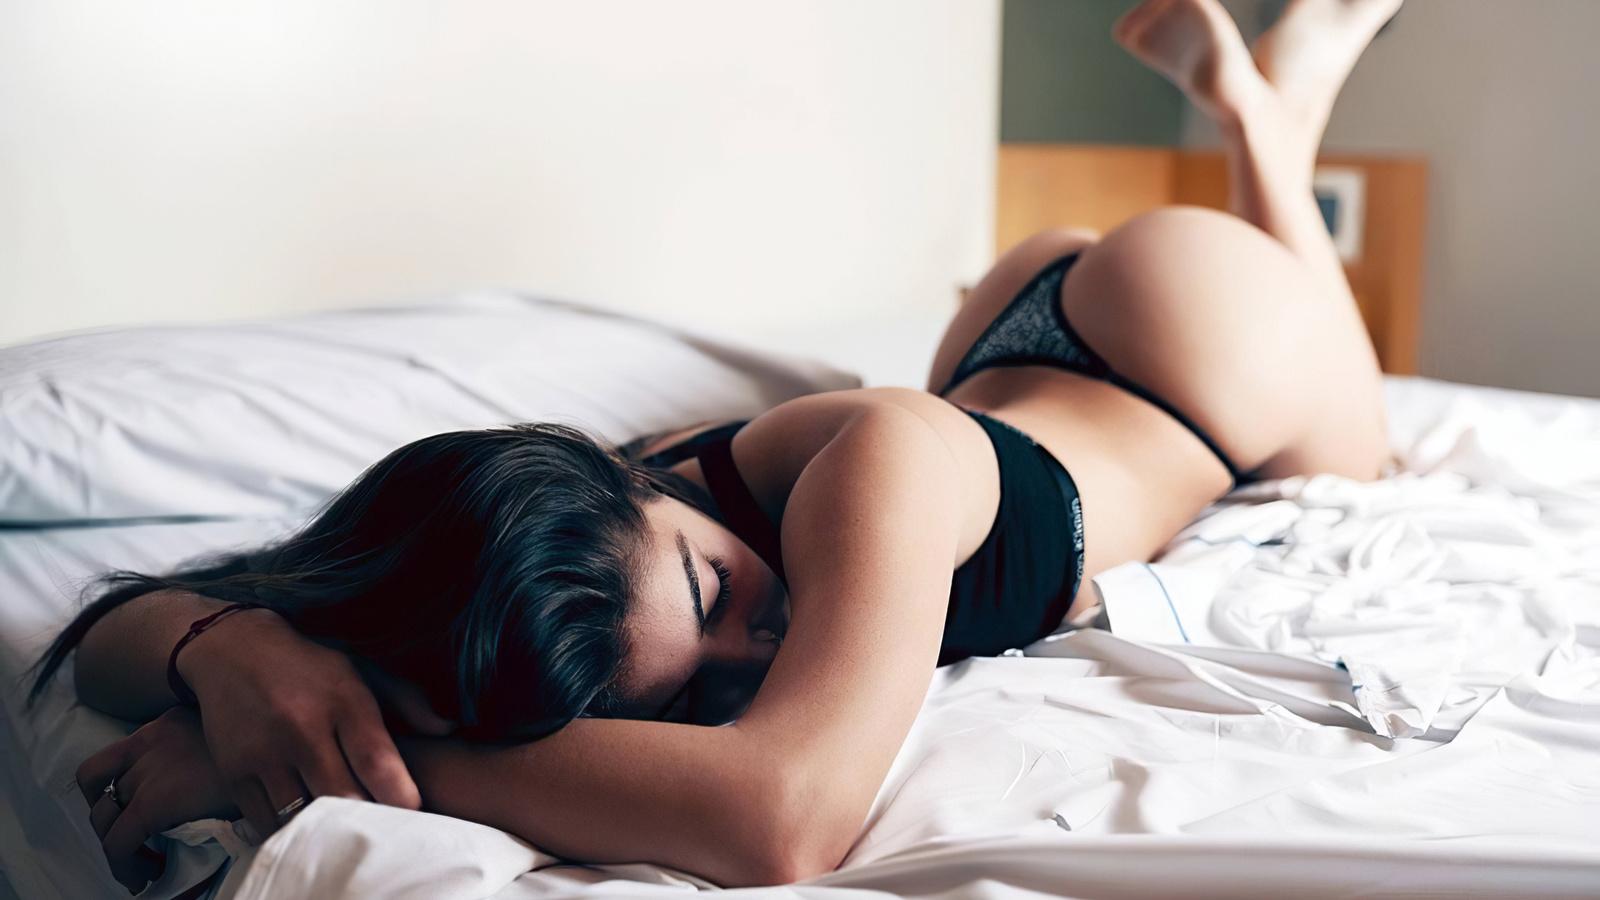 brunette, model, cute, sexy, panties, pretty, girl, women, woman, hot, ass, bra, thong, bed, window, wall, relax